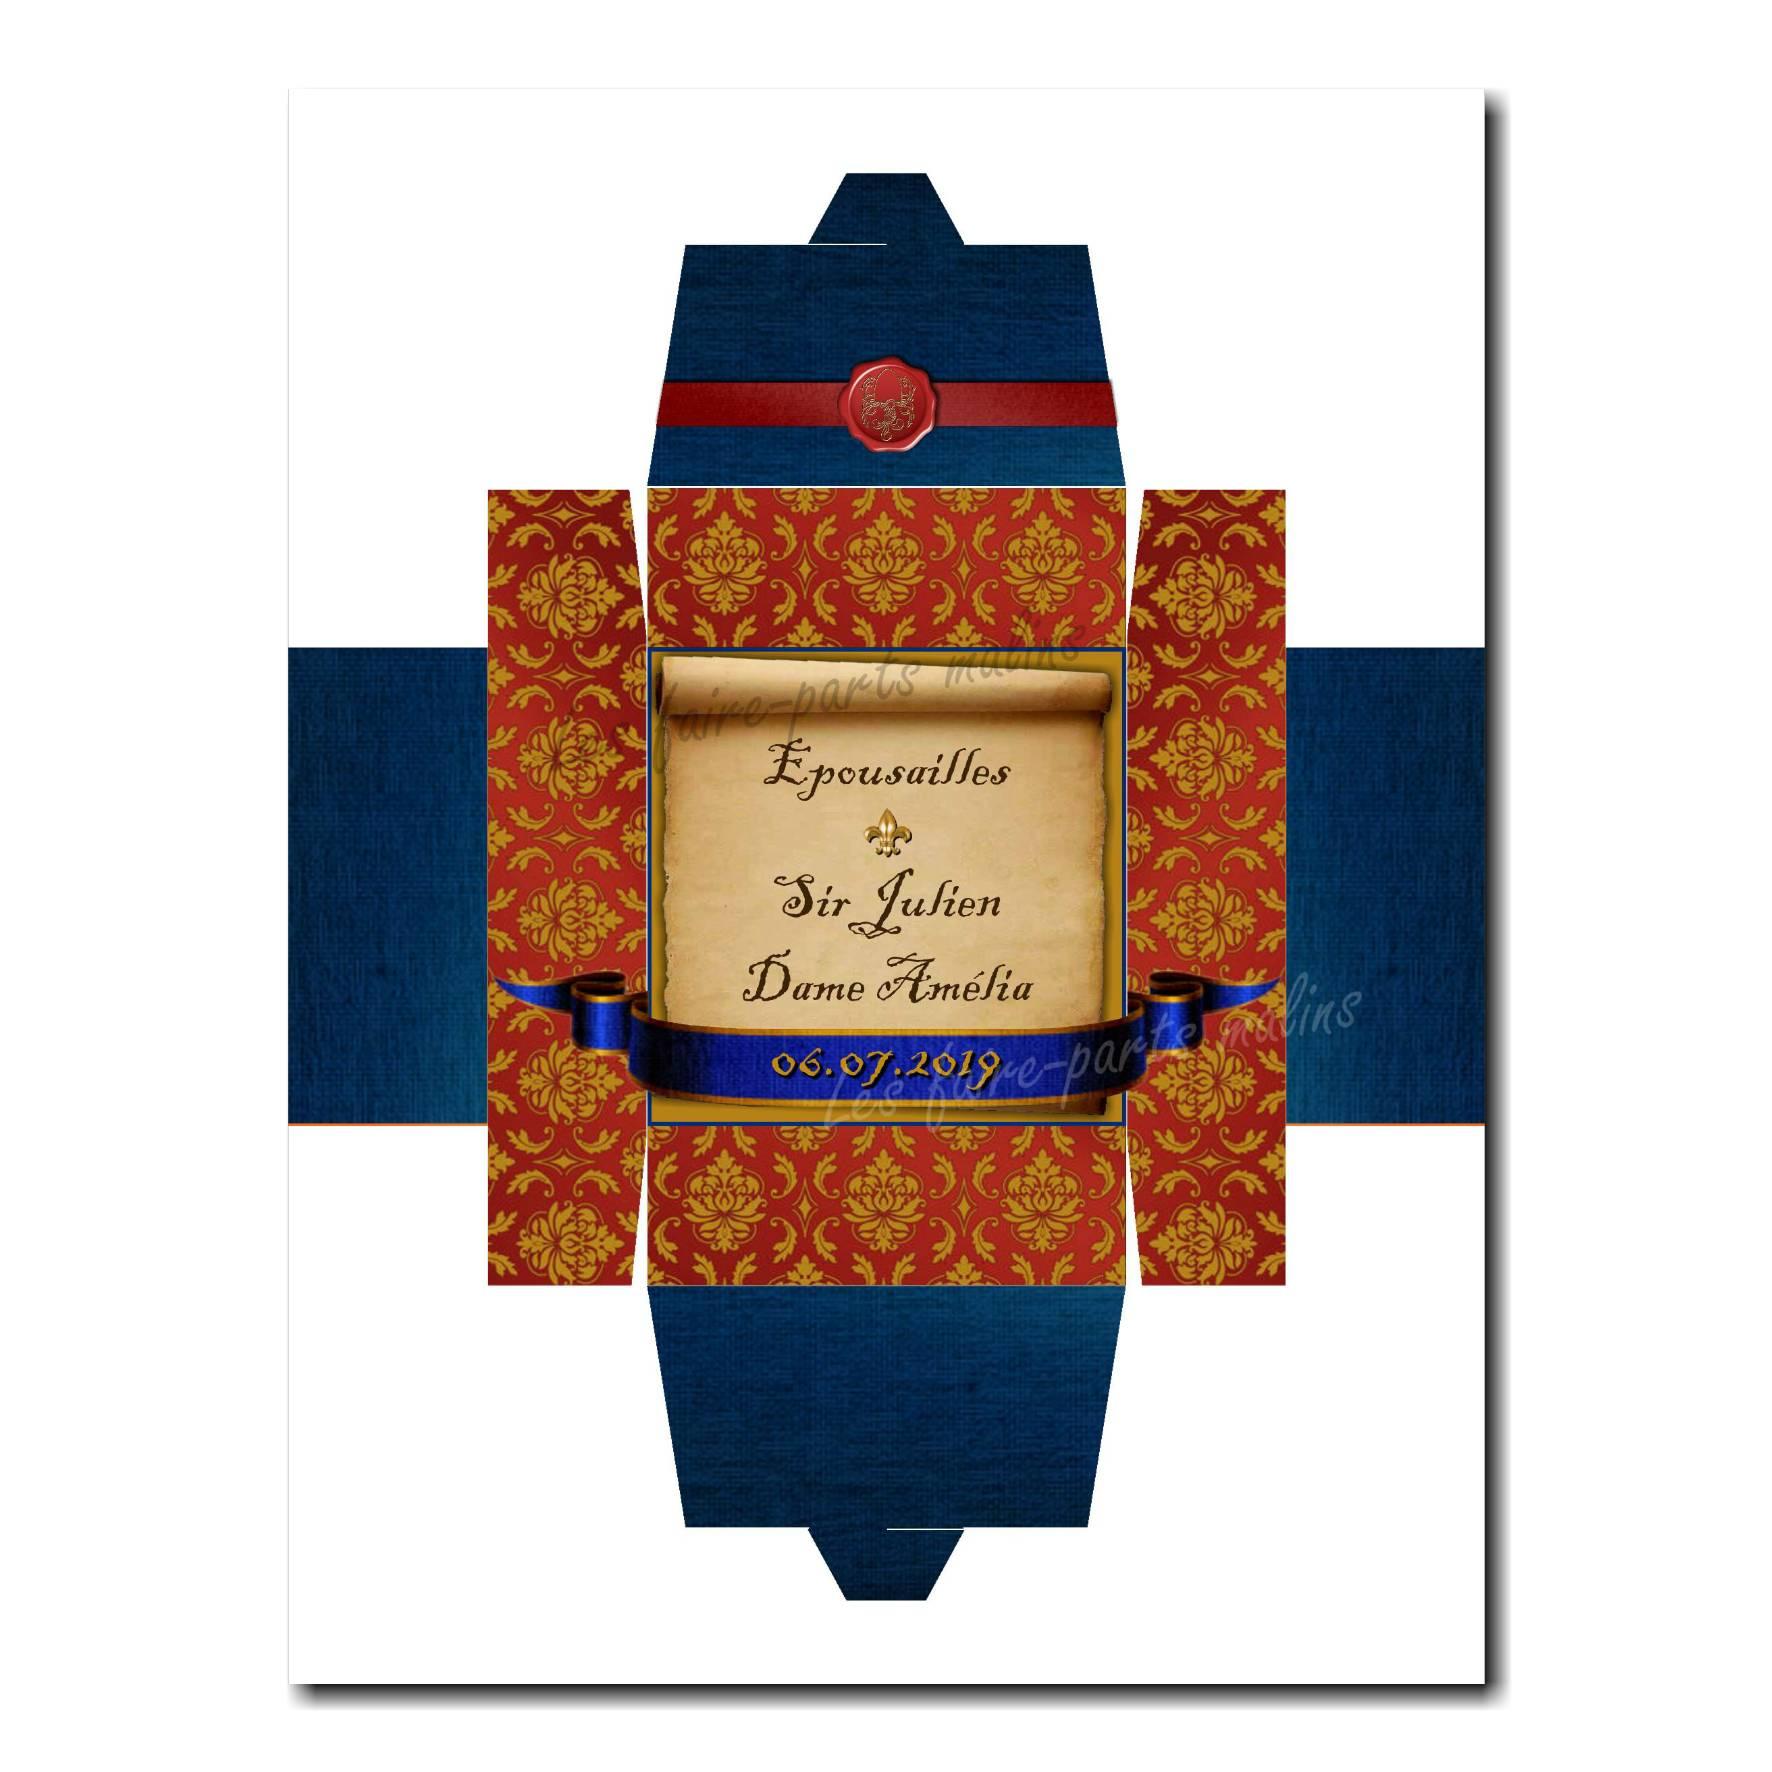 Boite médiéval rouge et bleu avec sceau du roi